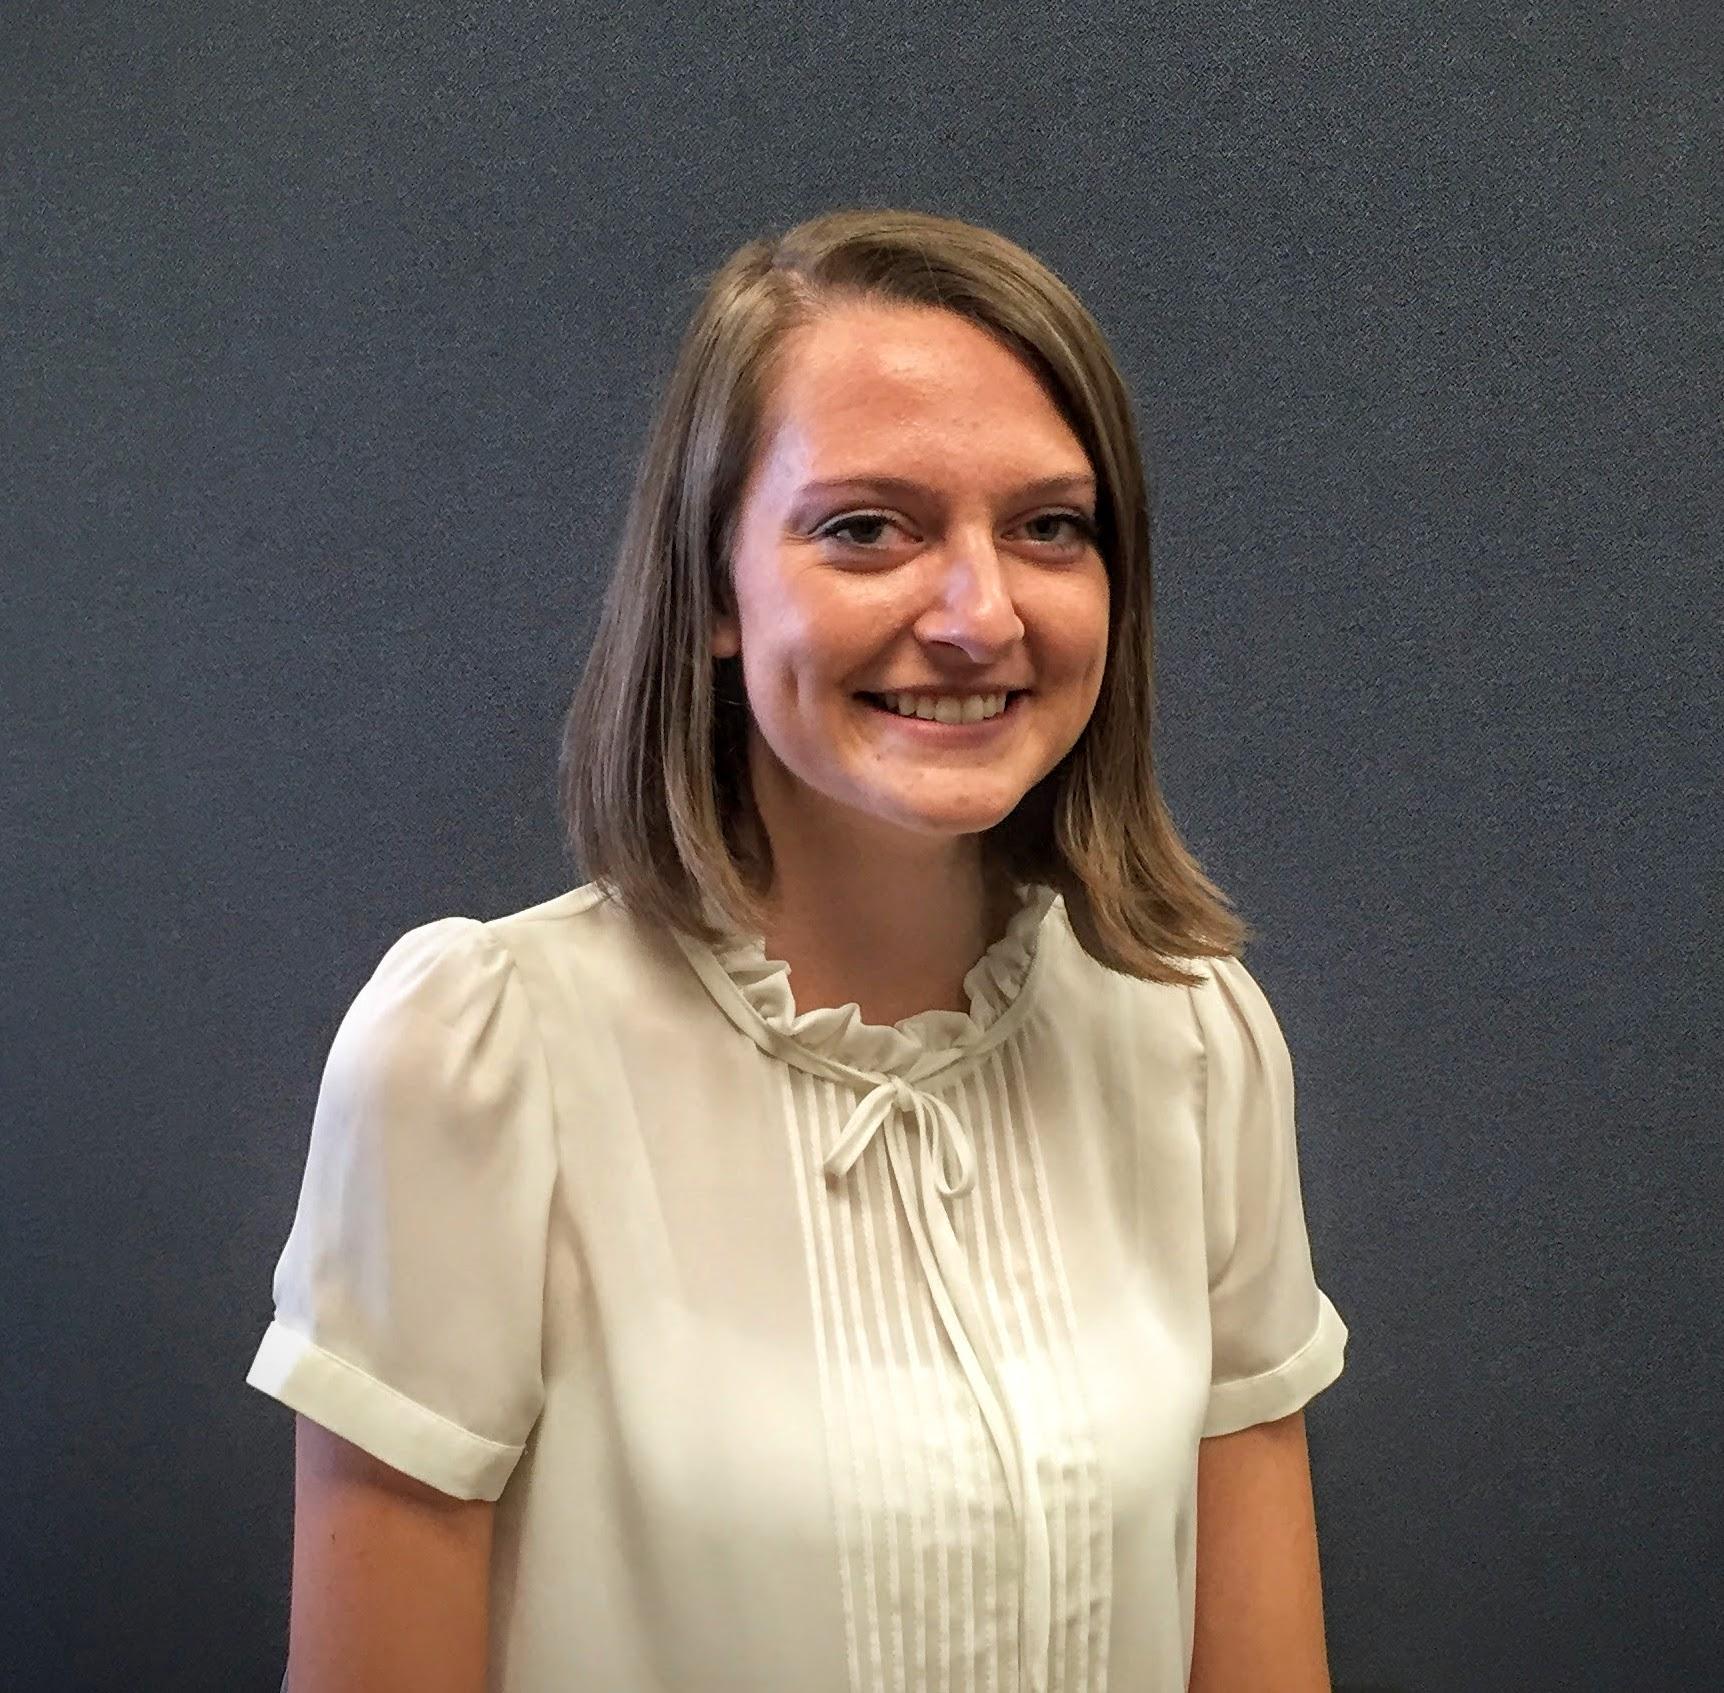 Olivia Stufflebeam